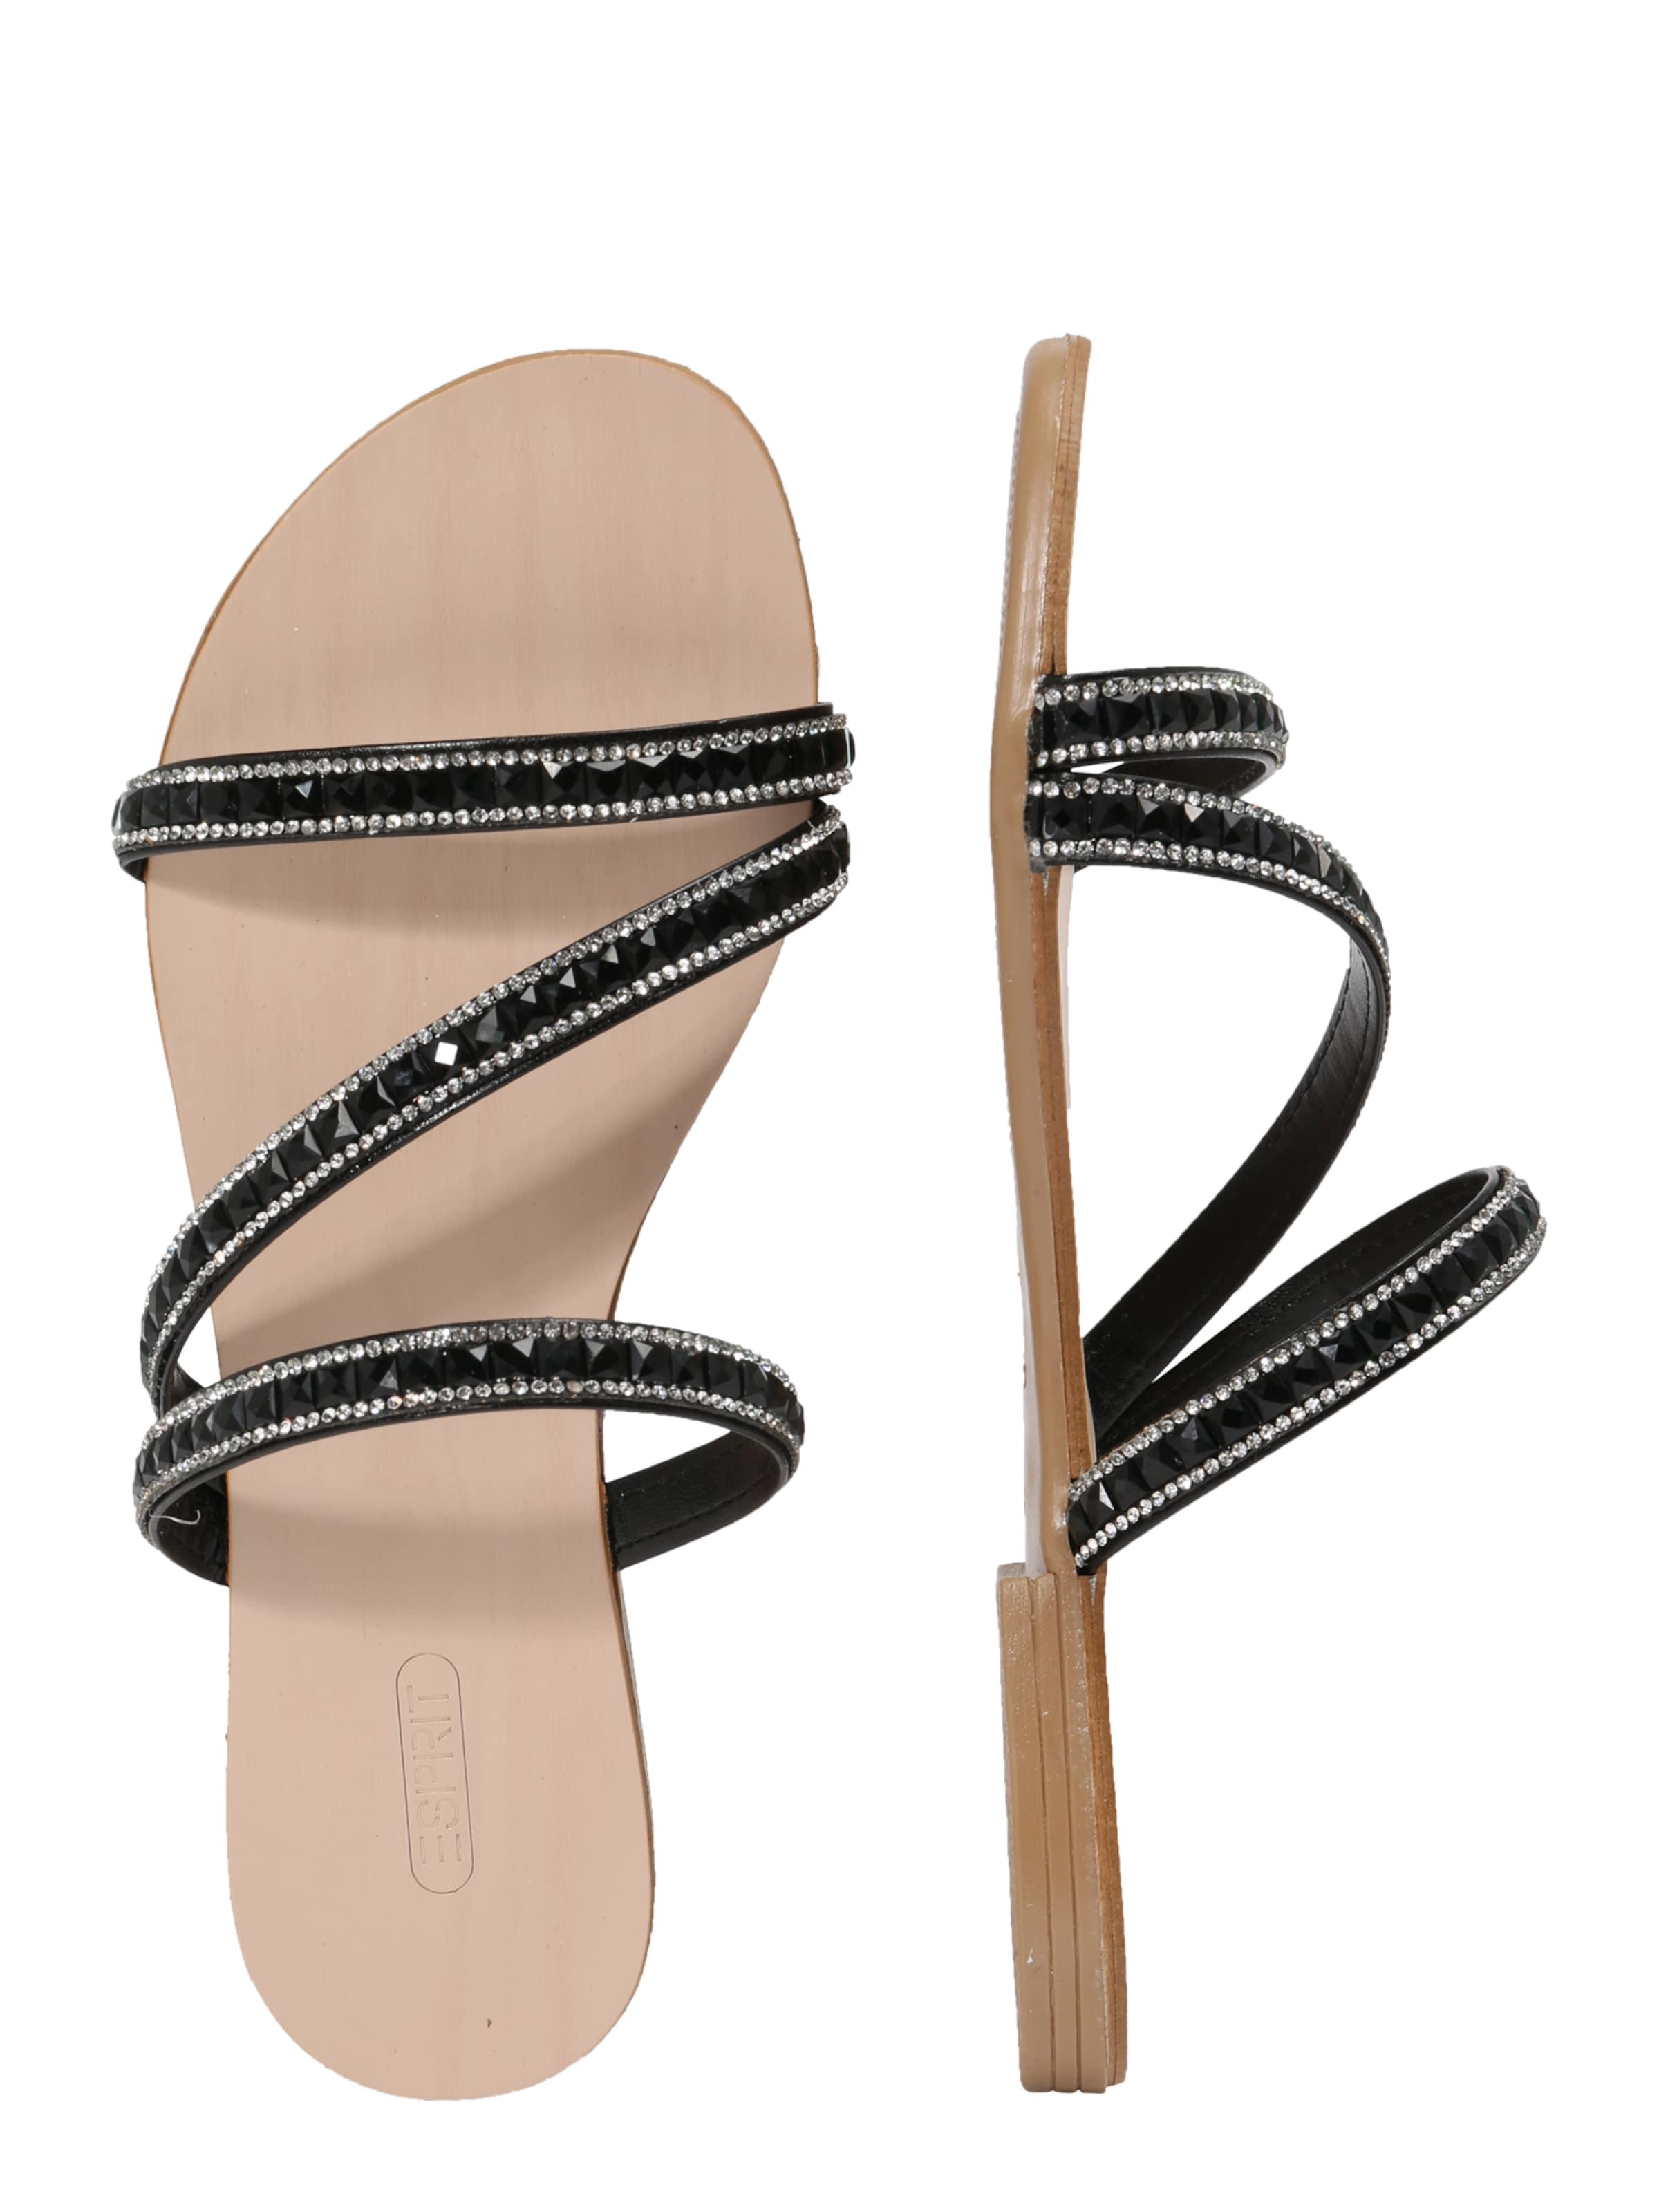 EspritSandales Juwel Noir In 'nil Slide' 45A3RjL